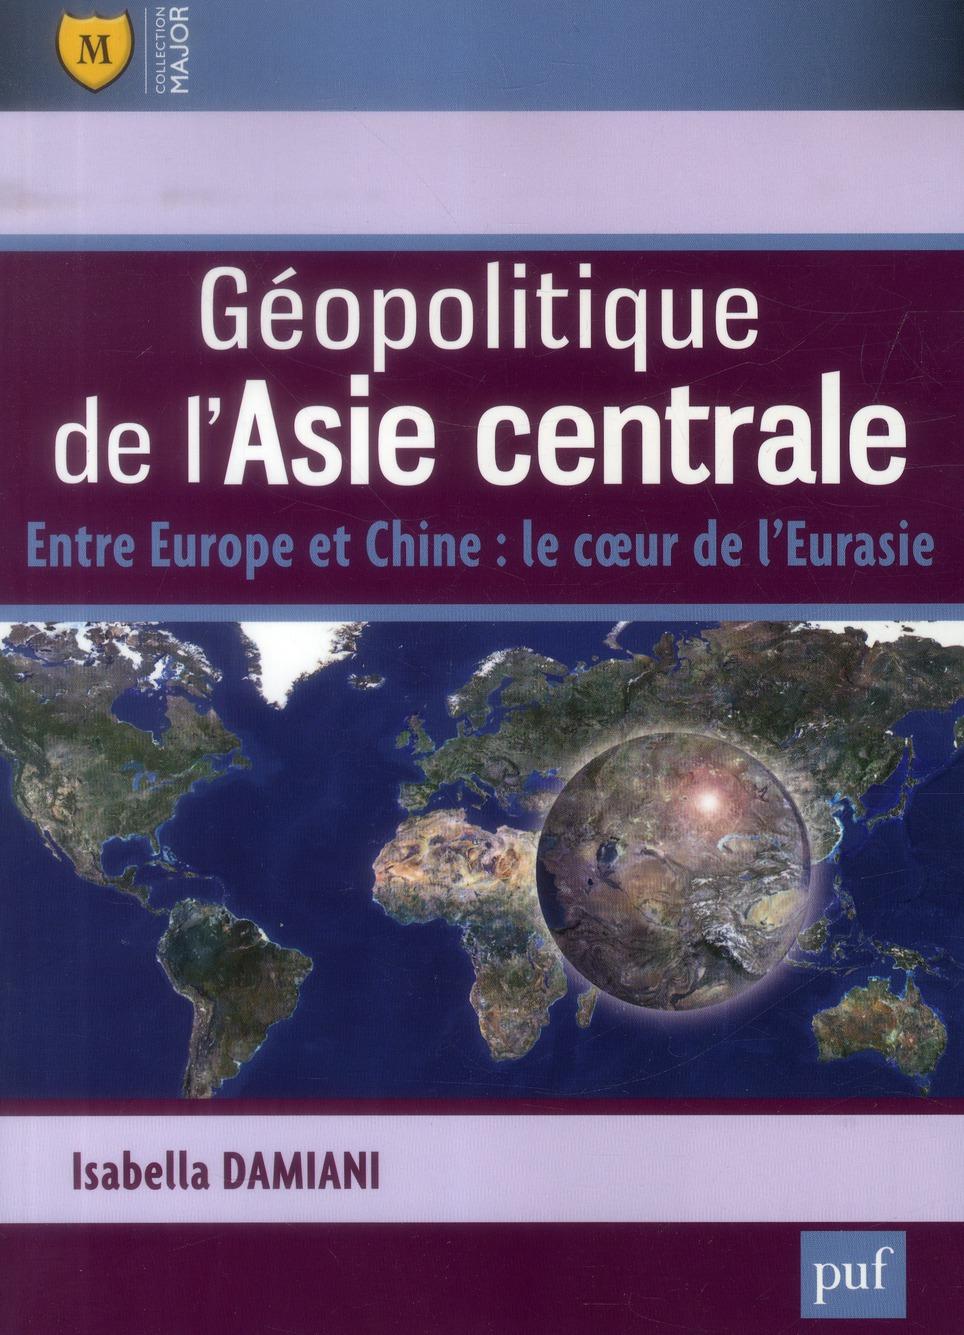 GEOPOLITIQUE DE L'ASIE CENTRALE - ENTRE EUROPE ET CHINE : LE COEUR DE L'EURASIE